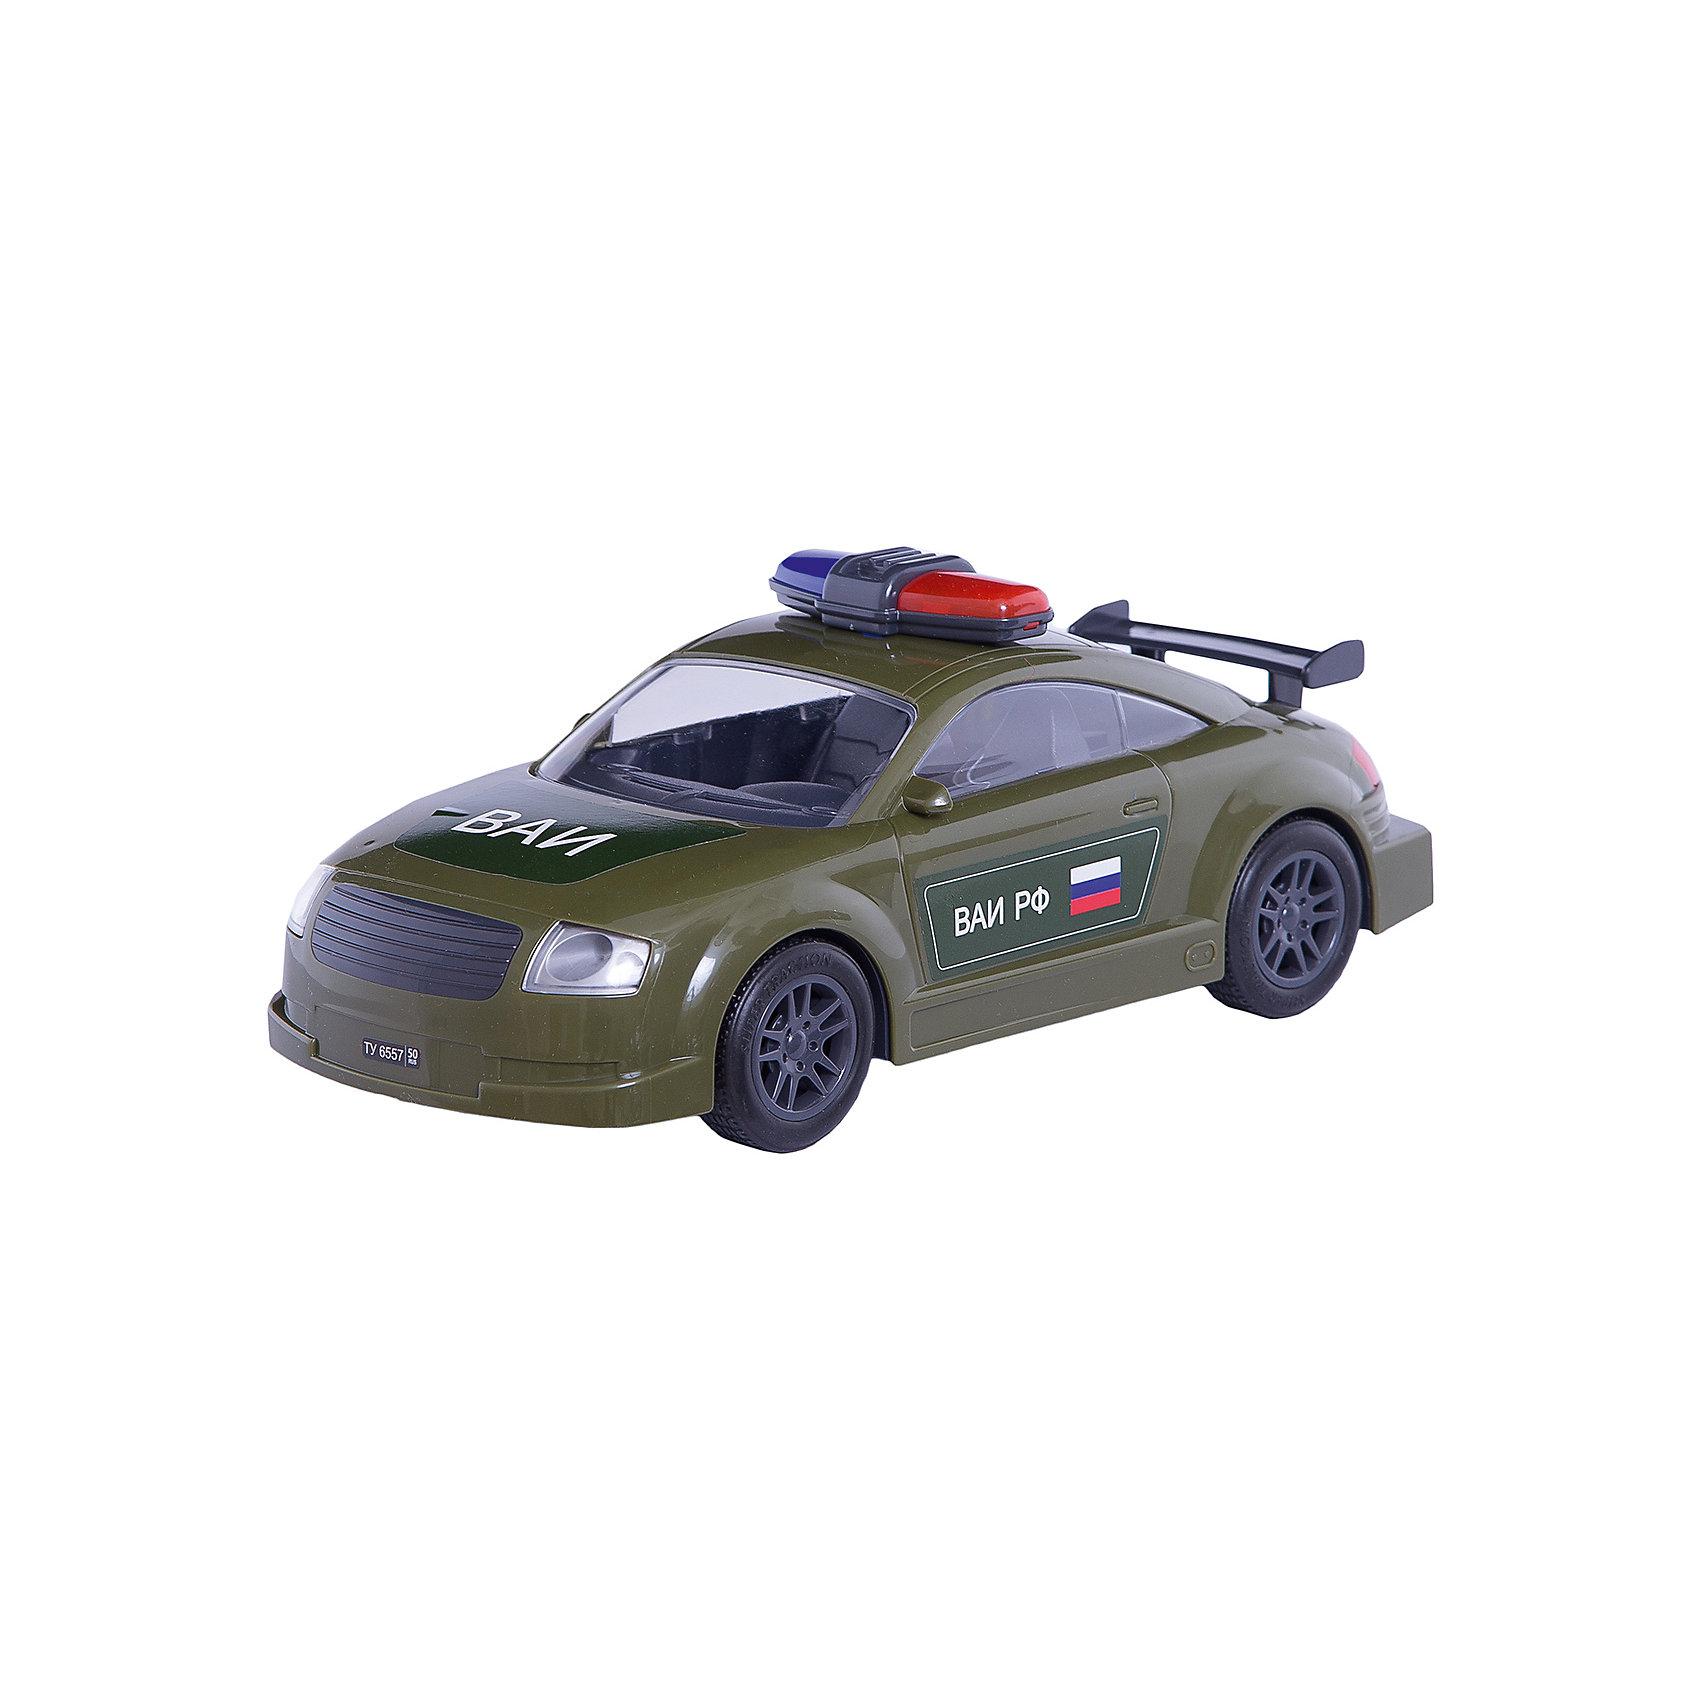 АвтомобильВоенная автоинспекция, инерц., ПолесьеВоенный транспорт<br>АвтомобильВоенная автоинспекция, инерц., Полесье.<br><br>Характеристики:<br><br>- Размер игрушки: 27х10,5х11 см.<br>- Материал: прочный пластик, резина<br><br>Инерционный автомобиль «Военная автоиспекция» - это точная копия настоящей машины. Машина имеет мигалку, спойлер, резиновые колеса и очень реалистичную символику на корпусе. Инерционный механизм позволяет машине продолжать свое движение после запуска. Колеса надежно закреплены на металлических осях. Ребенок будет в восторге от игрушки, ведь на машине можно сопровождать колонну военной техники или устроить настоящую погоню за нарушителями.<br><br>АвтомобильВоенная автоинспекция, инерц., Полесье можно купить в нашем интернет-магазине.<br><br>Ширина мм: 450<br>Глубина мм: 335<br>Высота мм: 265<br>Вес г: 370<br>Возраст от месяцев: 36<br>Возраст до месяцев: 96<br>Пол: Мужской<br>Возраст: Детский<br>SKU: 4763442